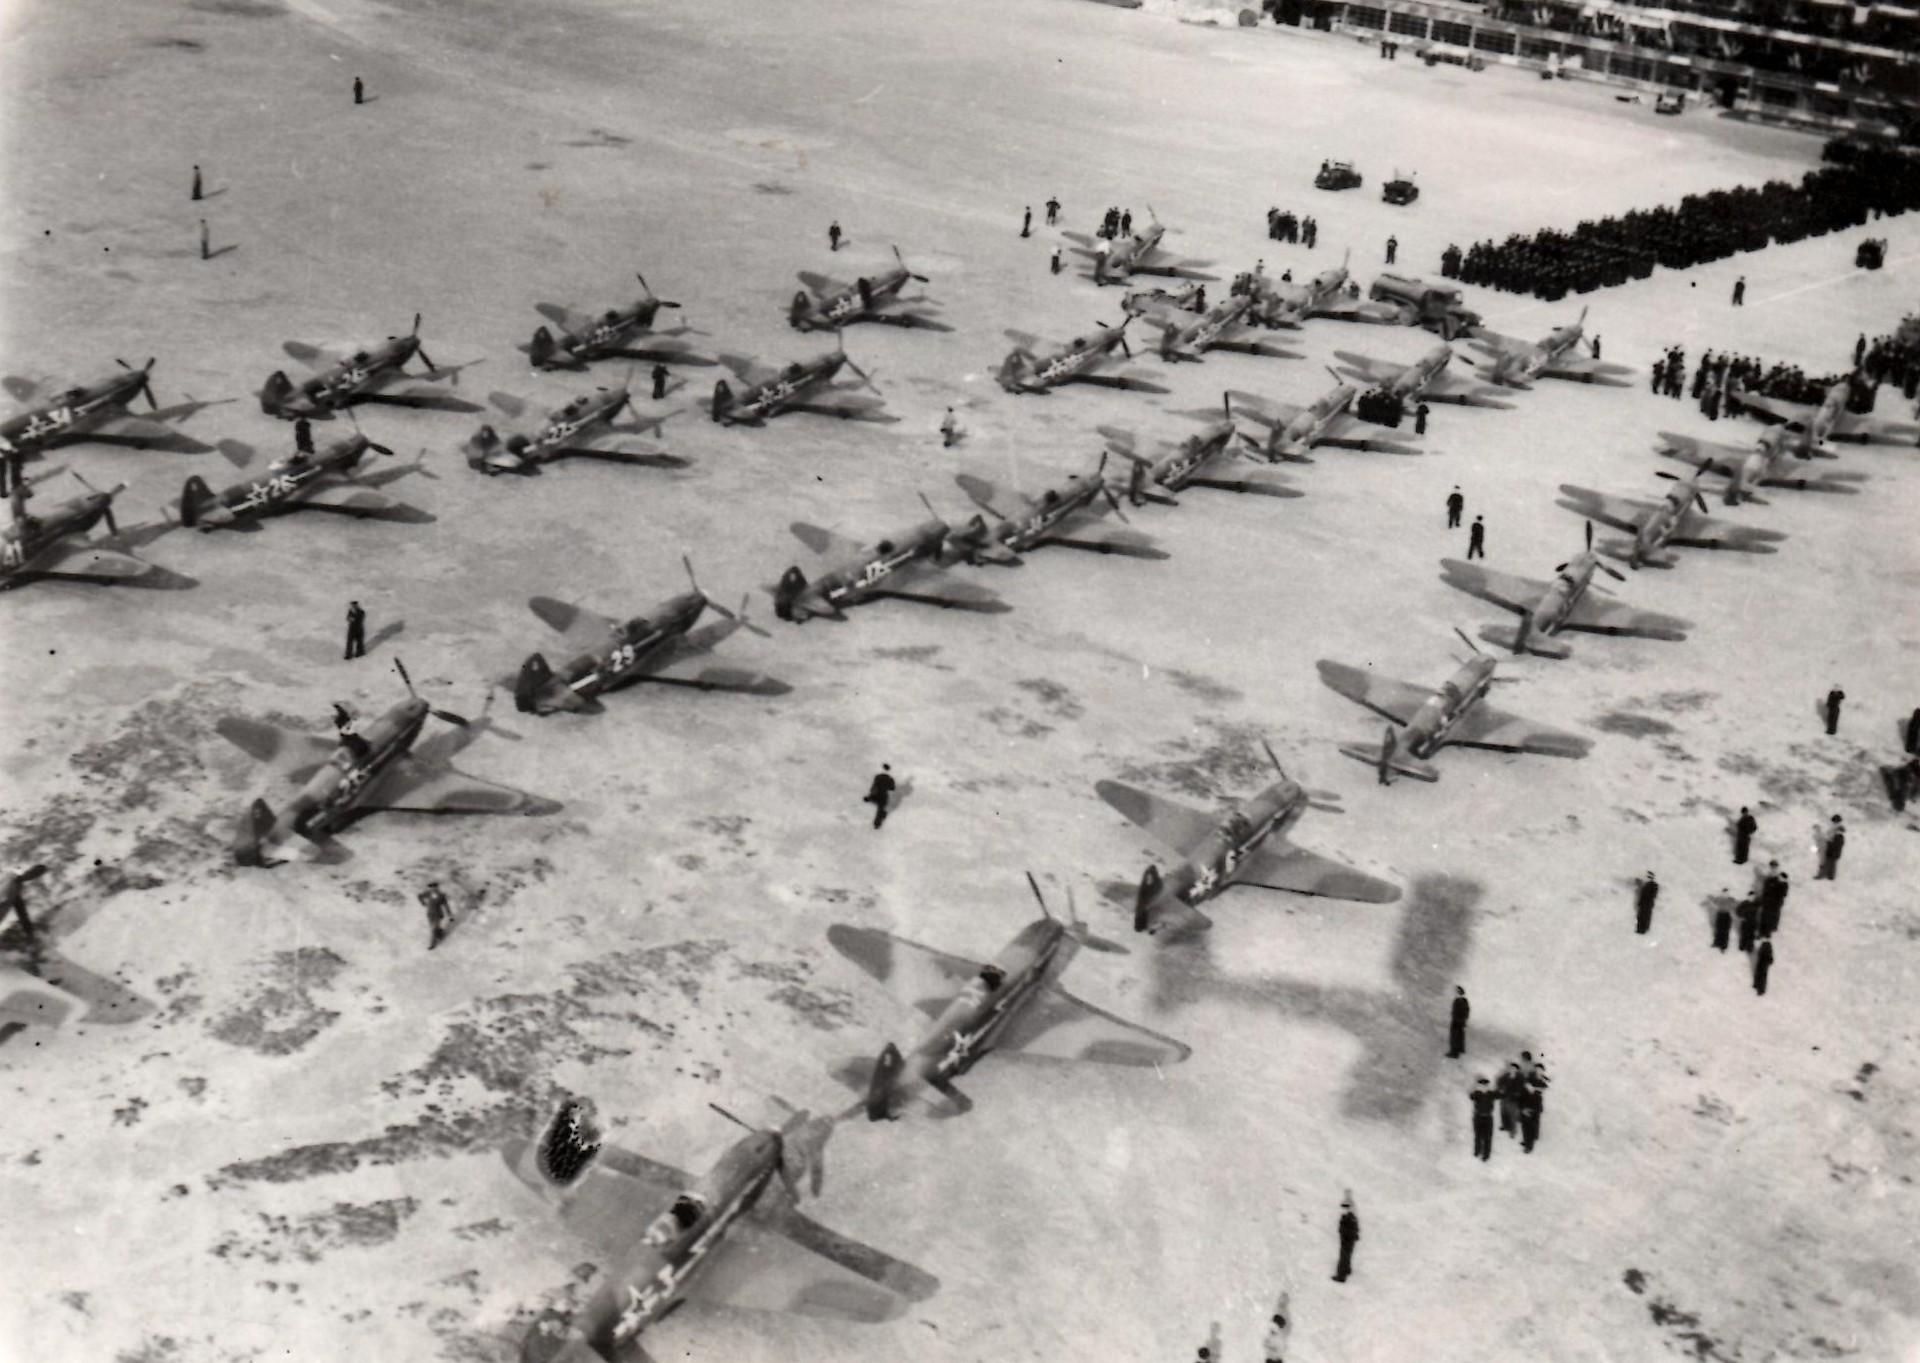 Alignement des Yak de Normandie-Niémen au Bourget, le 20 juin 1945